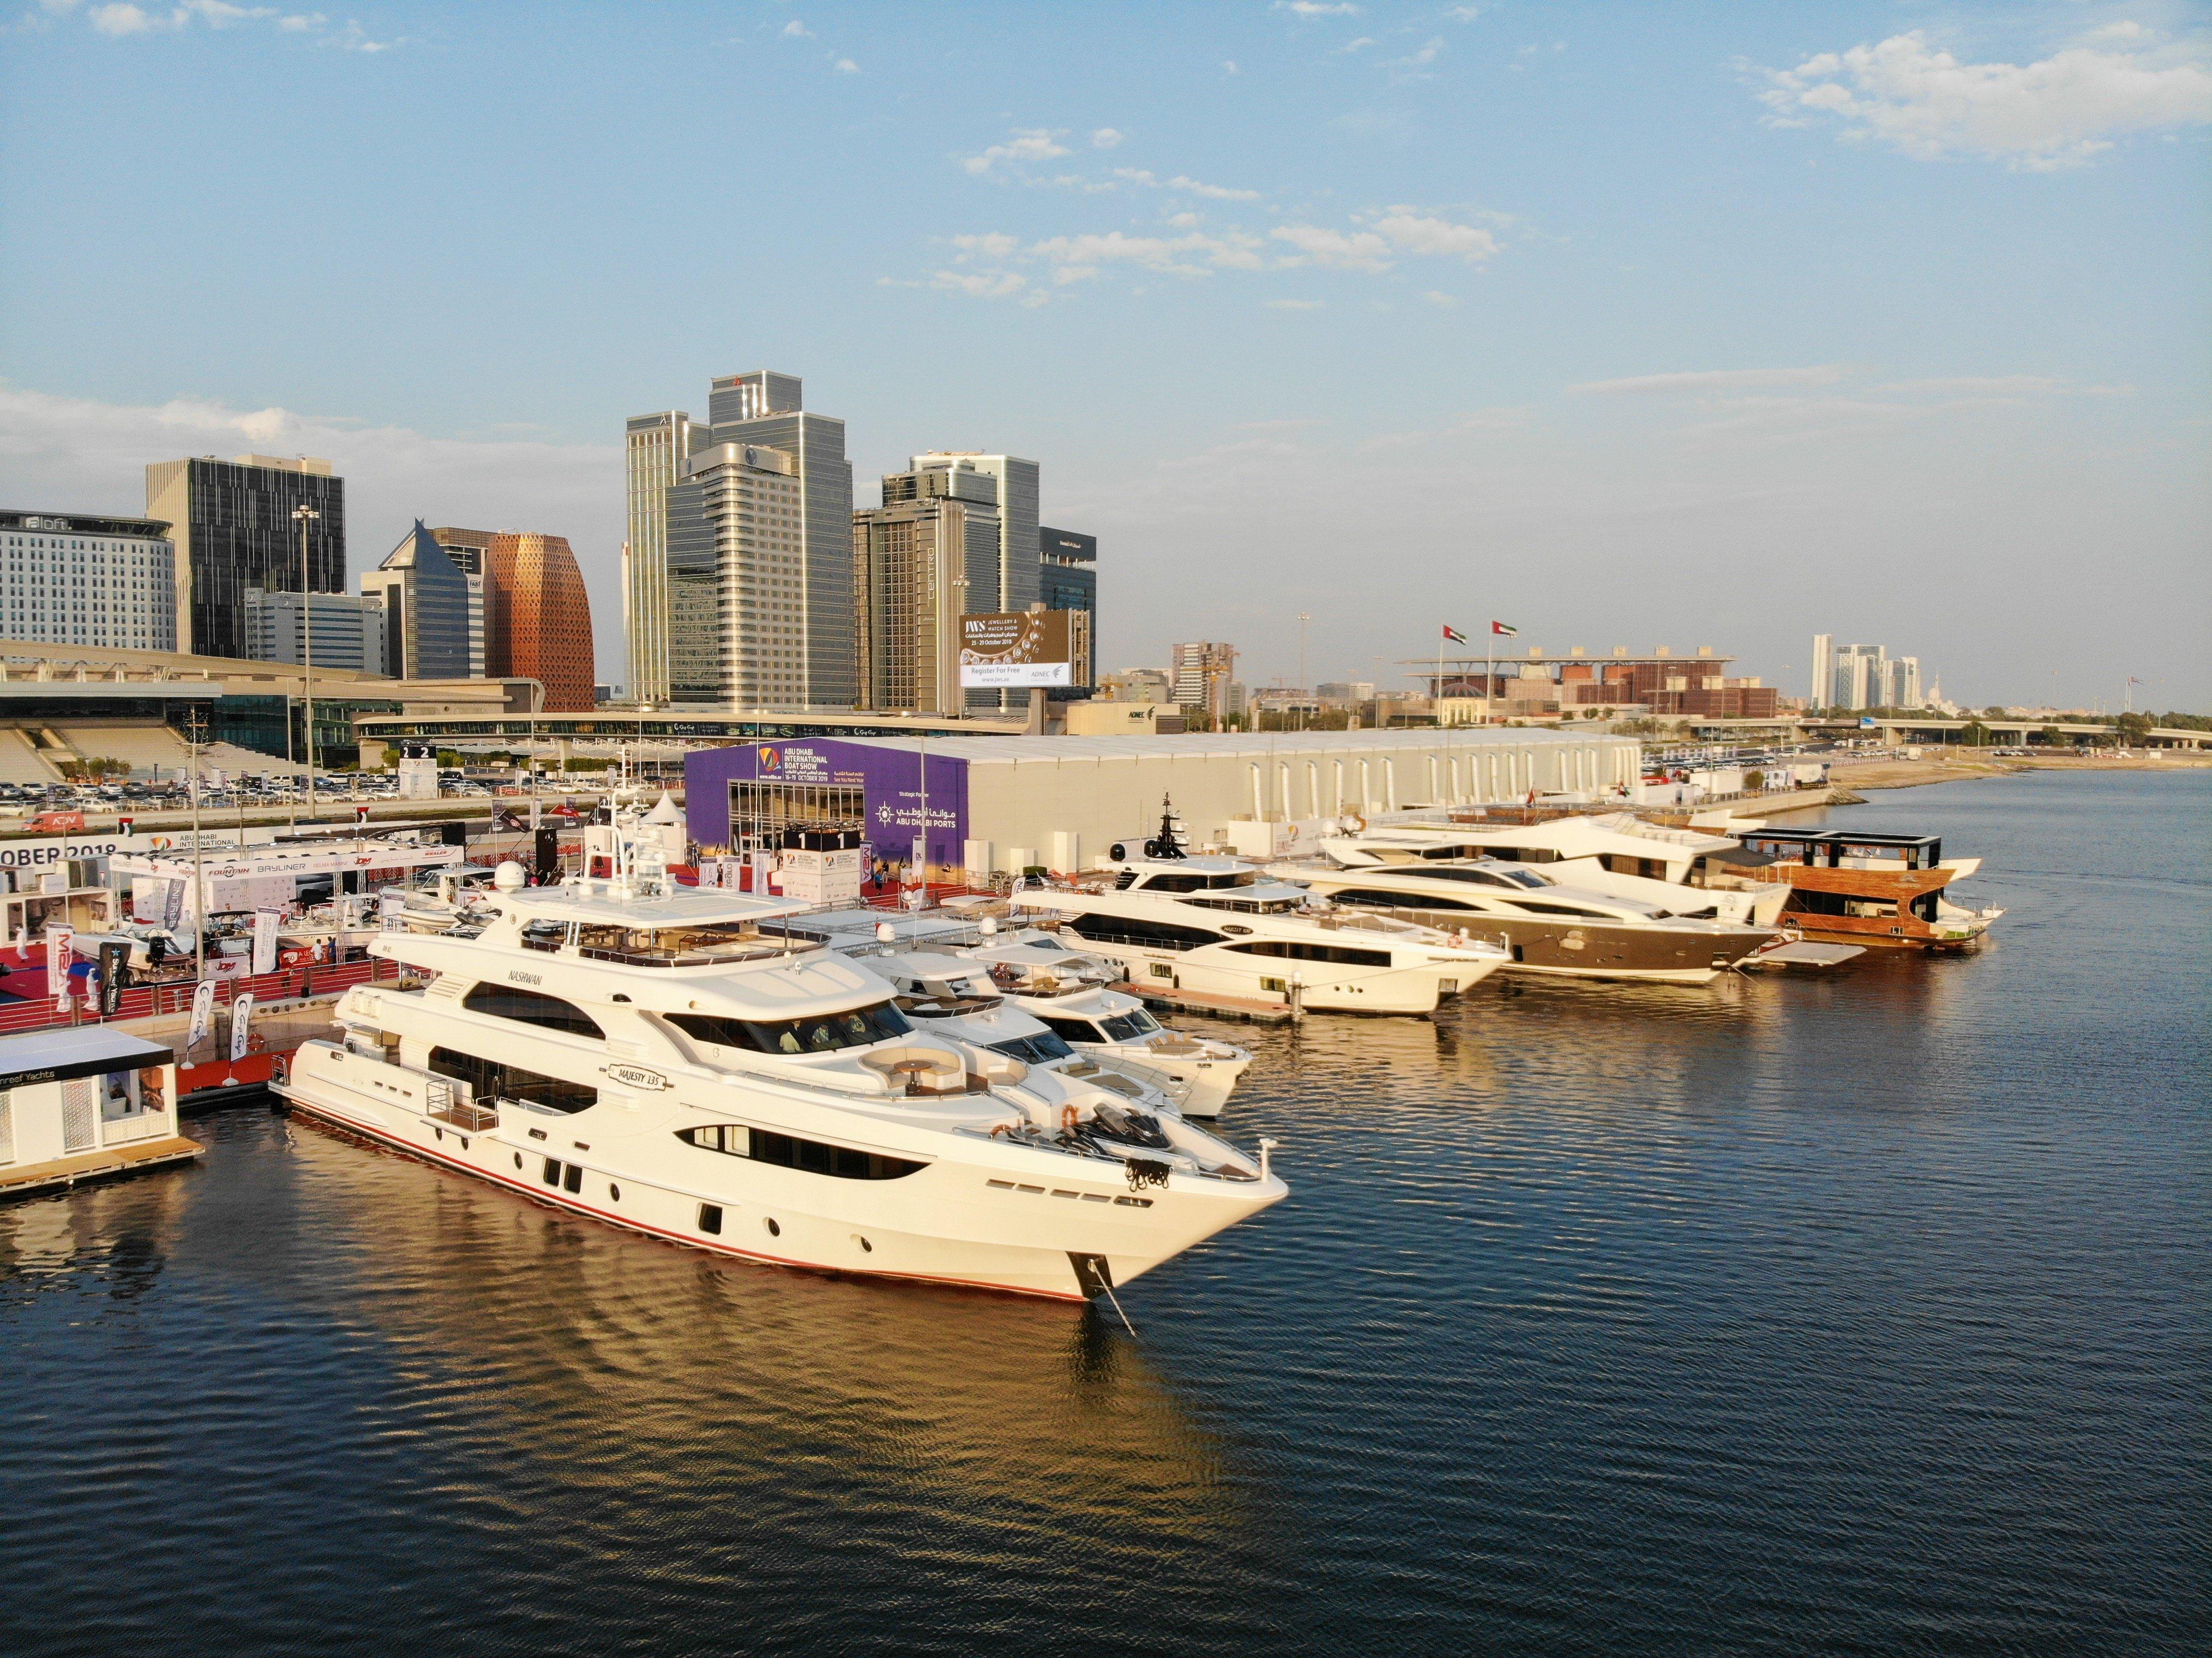 Gulf Craft Fleet at Abu Dhabi Boat Show 2018 (3)